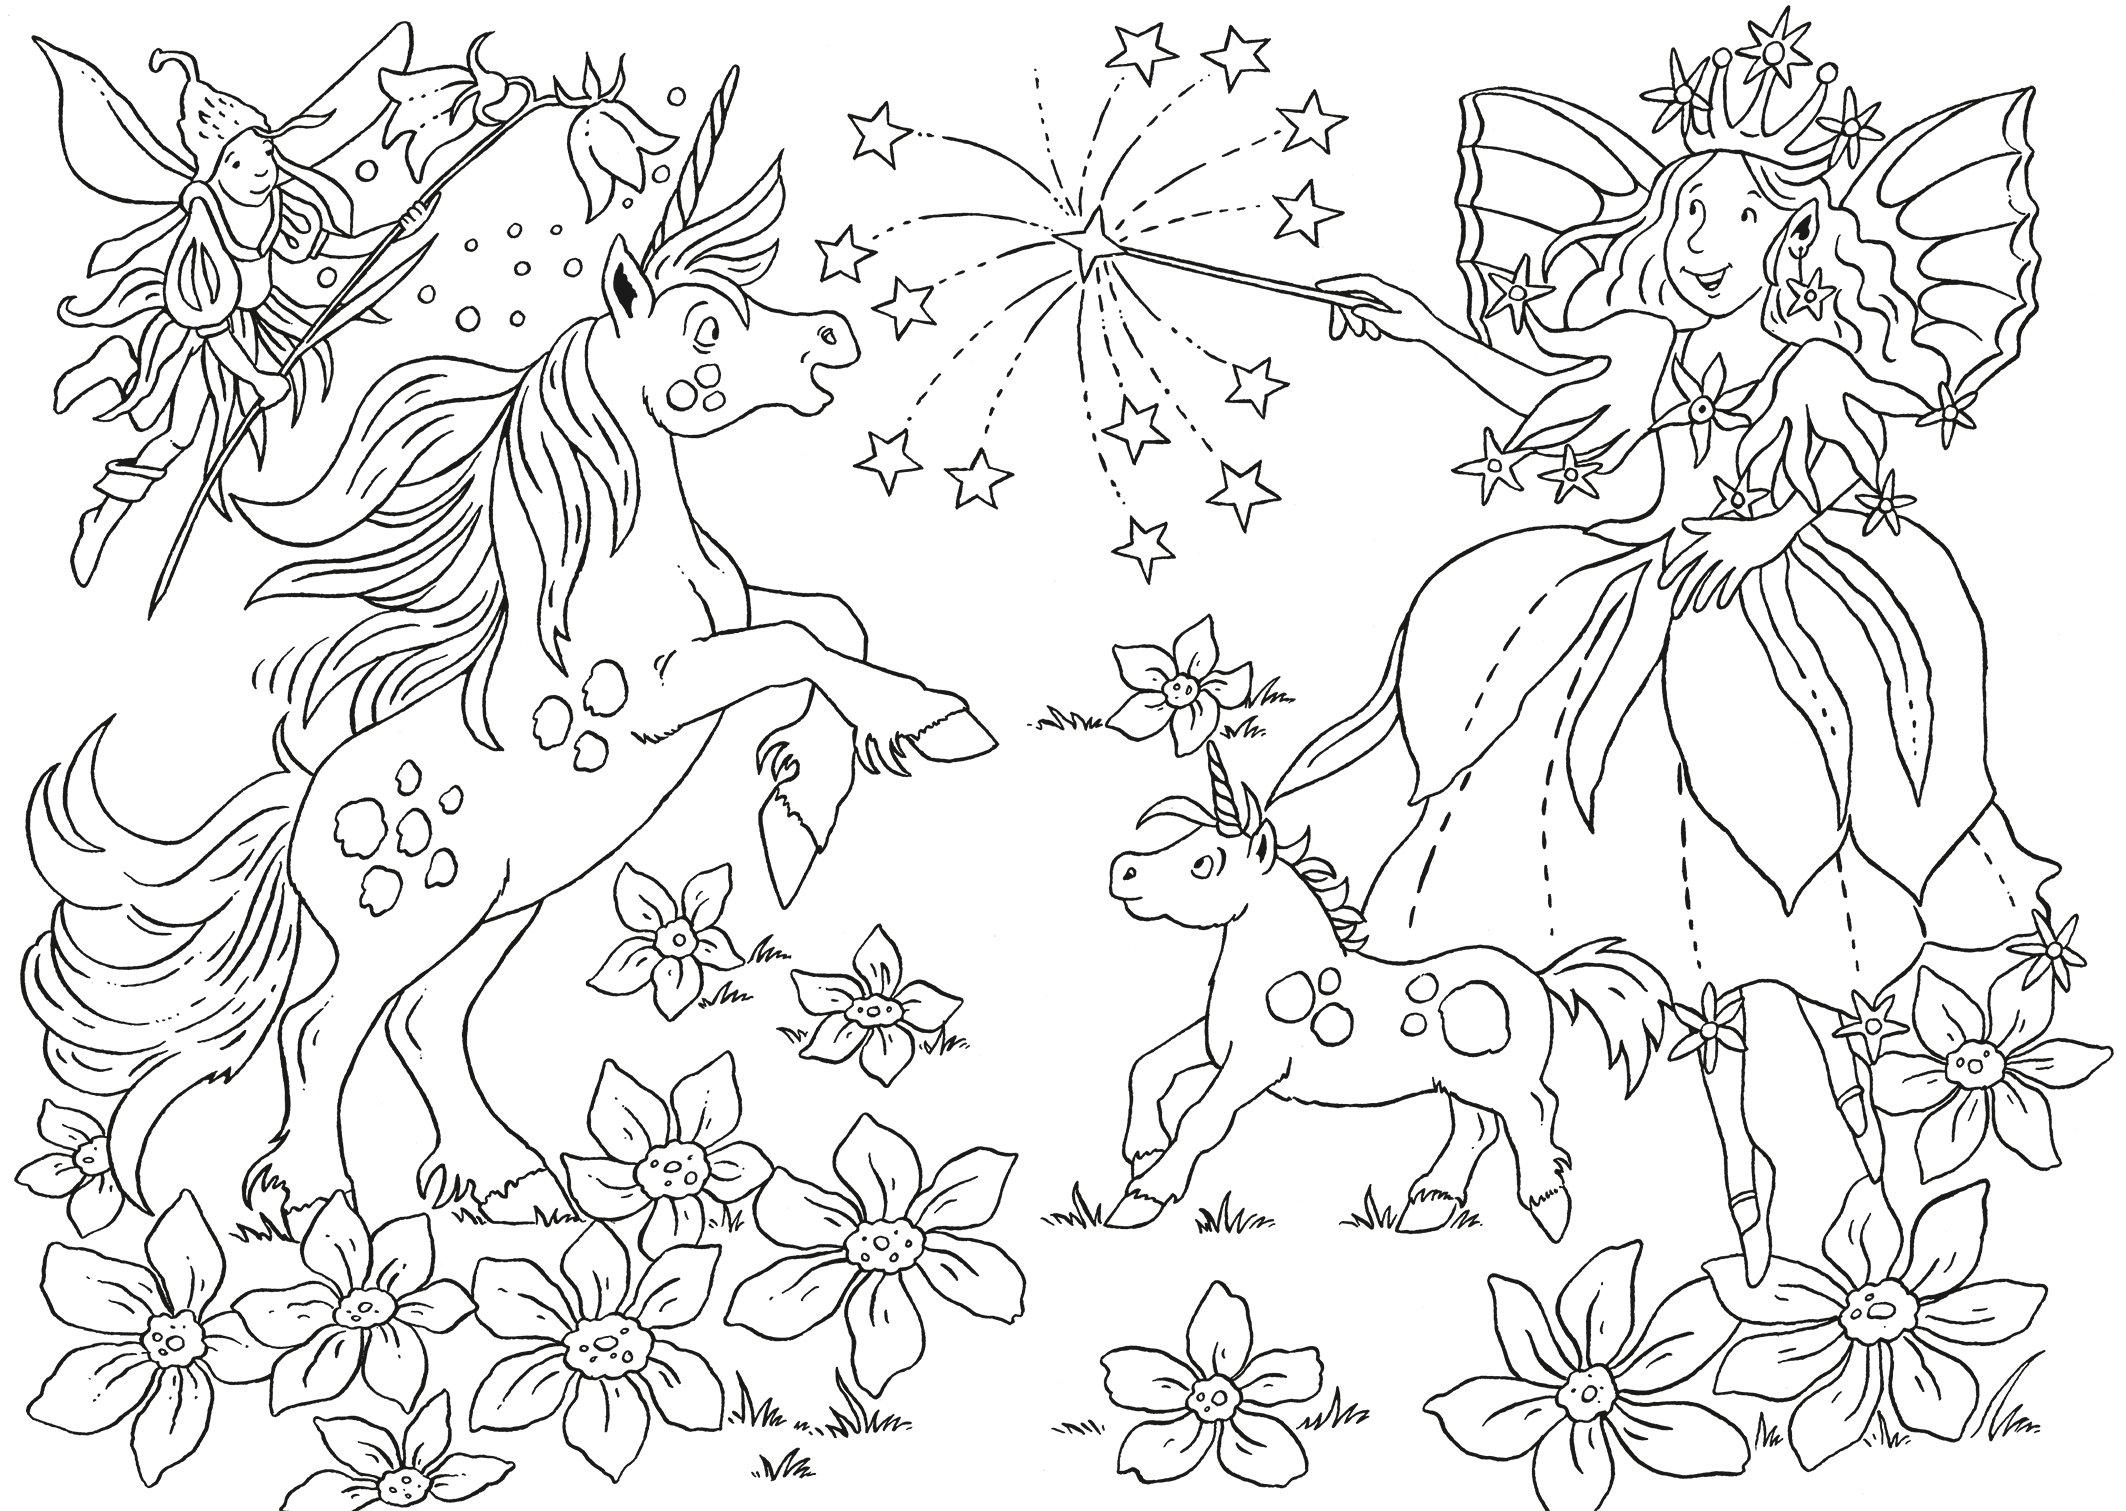 Mein magisches Malbuch Einhörner: Amazon.de: Helge Glatzel-Poch: Bücher